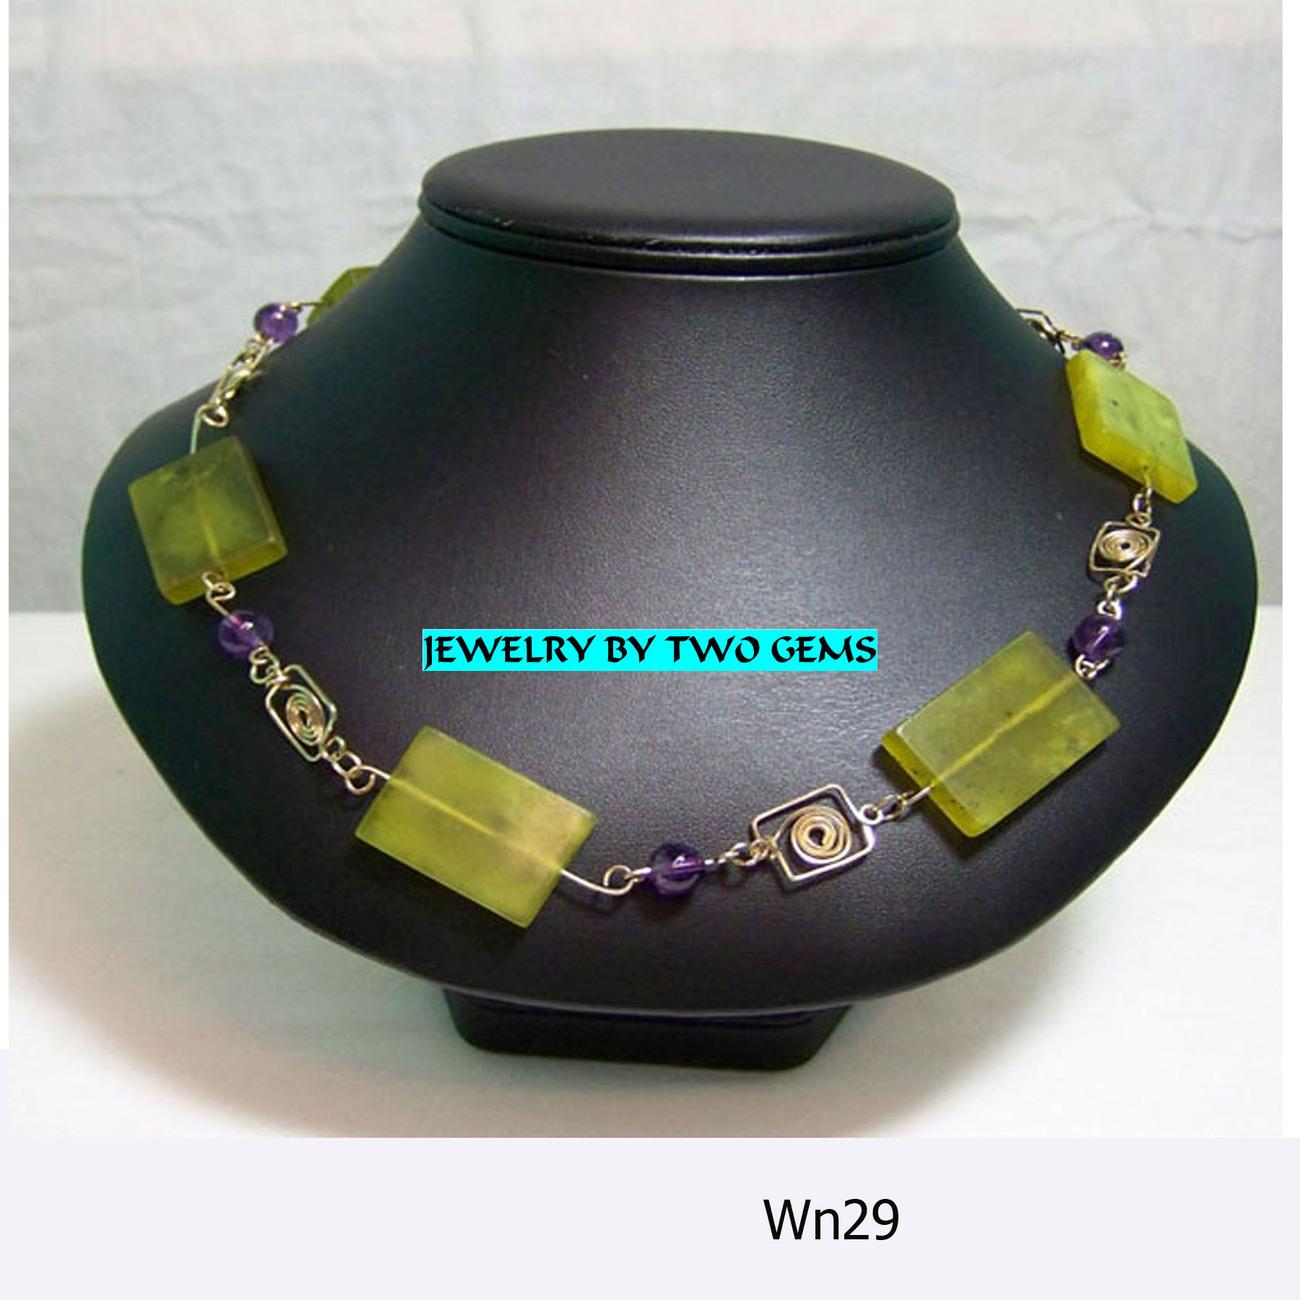 Jewelry By Two Gems (Wn29) 14Kt GF Wire Wrap Necklace w Jade